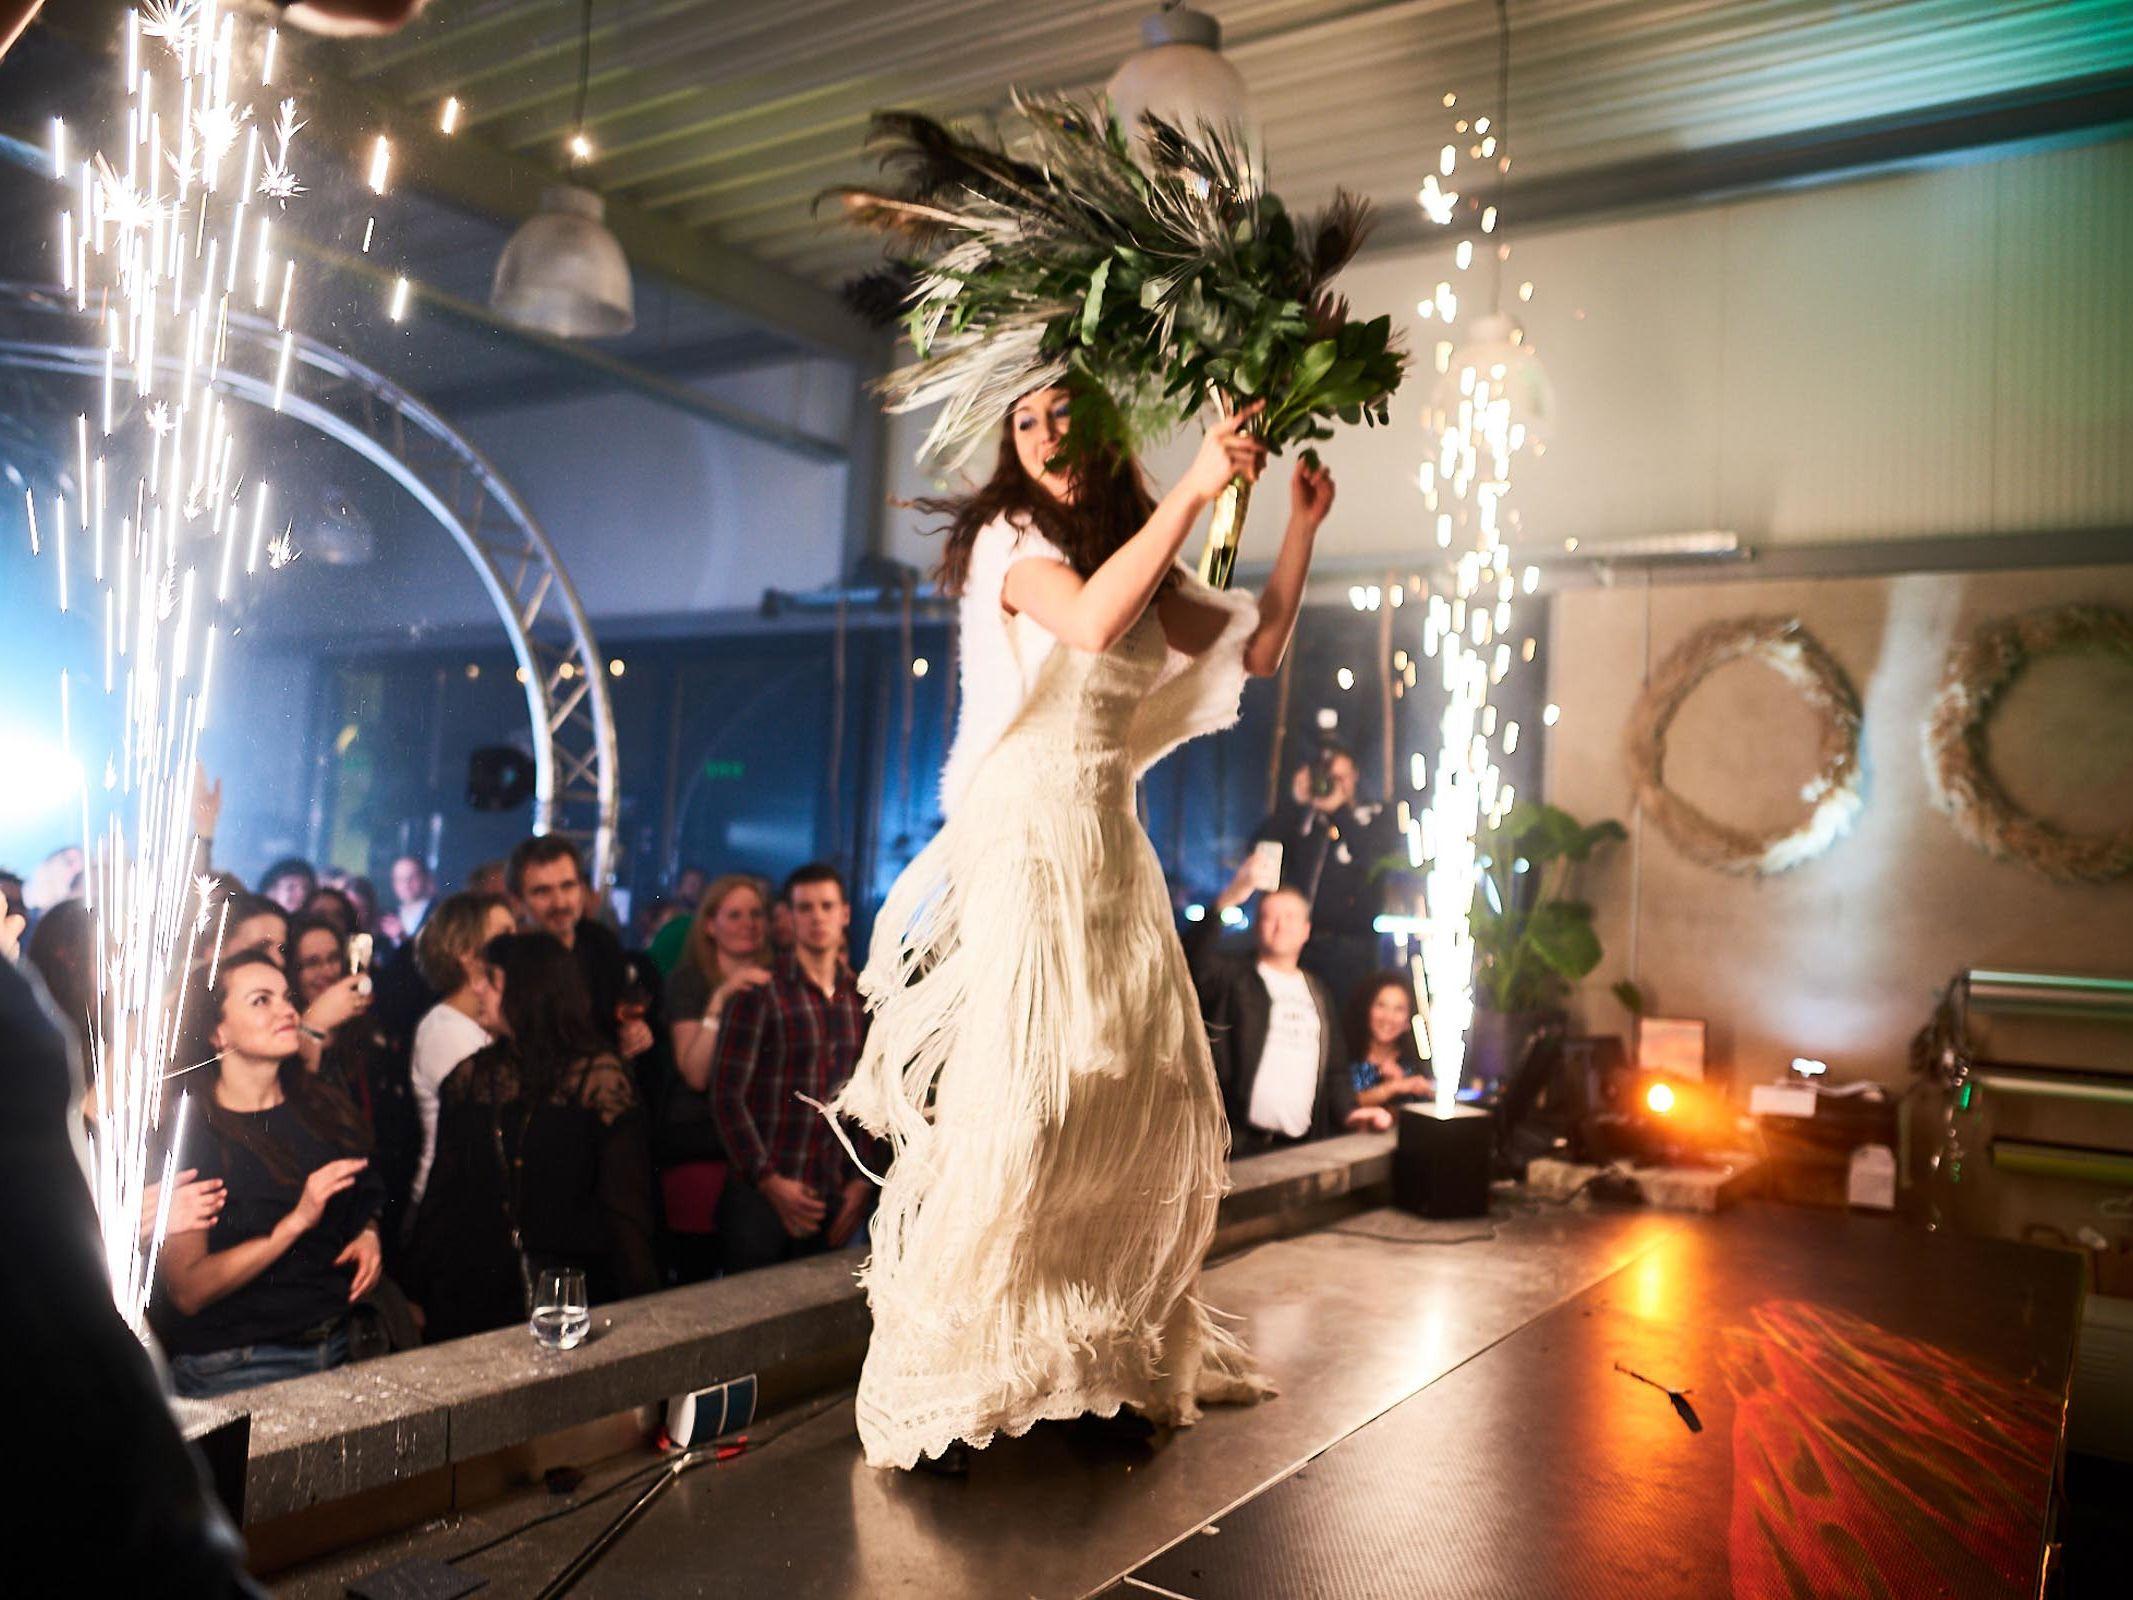 Indoor |Feuerwerk |Fontänen |Bühnen |Feuerwerk |Pyrotechnik |Hannover |Lightshow |Produktion |Lichtshow |Produktpräsentation |Showlaser |Lichttechnik |Buchen |Mieten |Anfragen |Hochzeit |Event